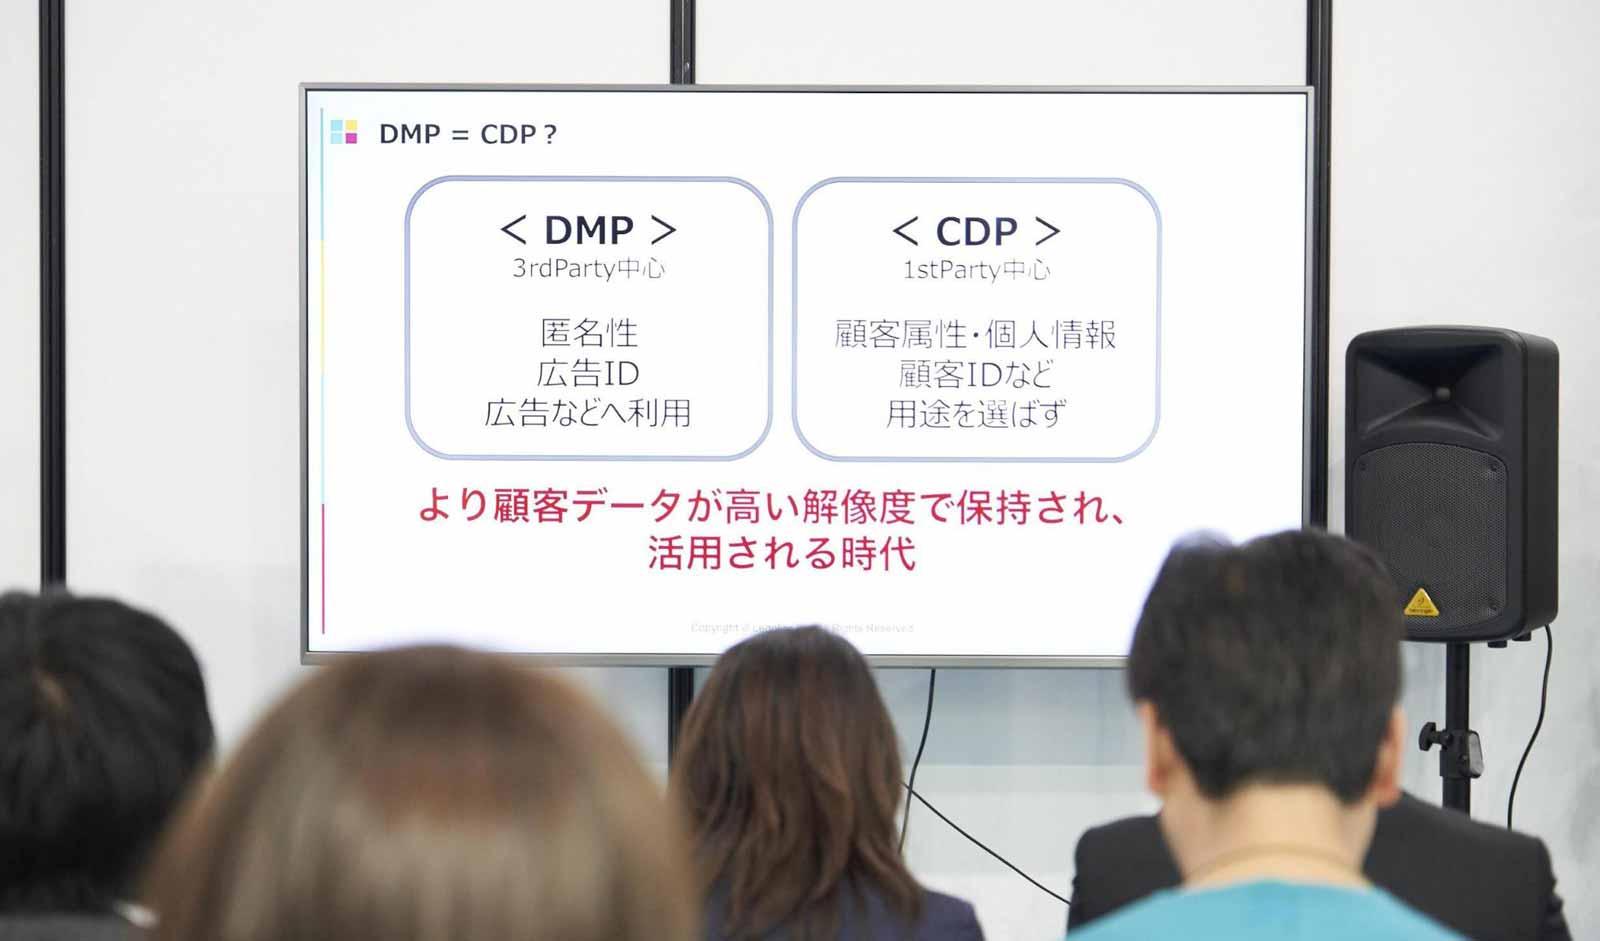 DMP(3rd Party中心:匿名性・広告ID・広告などへの利用) = CDP?(1st PArty中心:顧客属性・個人情報・顧客IDなど・用途を選ばず)より顧客データが高い解像度で保持され、活用される時代